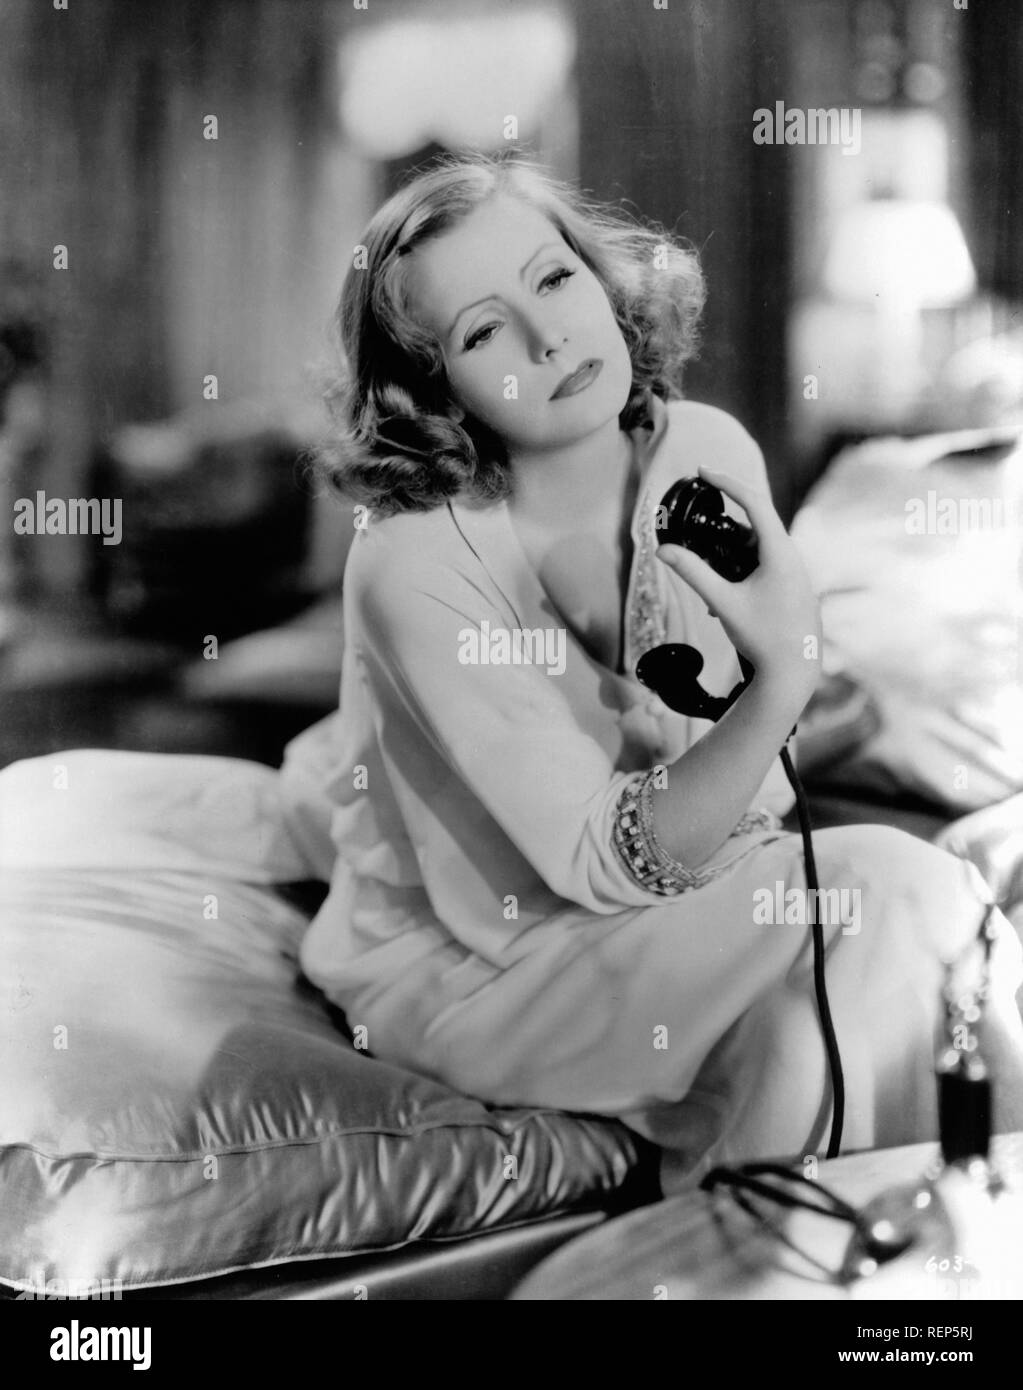 Grand Hotel  Year : 1932 USA Director : Edmund Goulding Greta Garbo - Stock Image